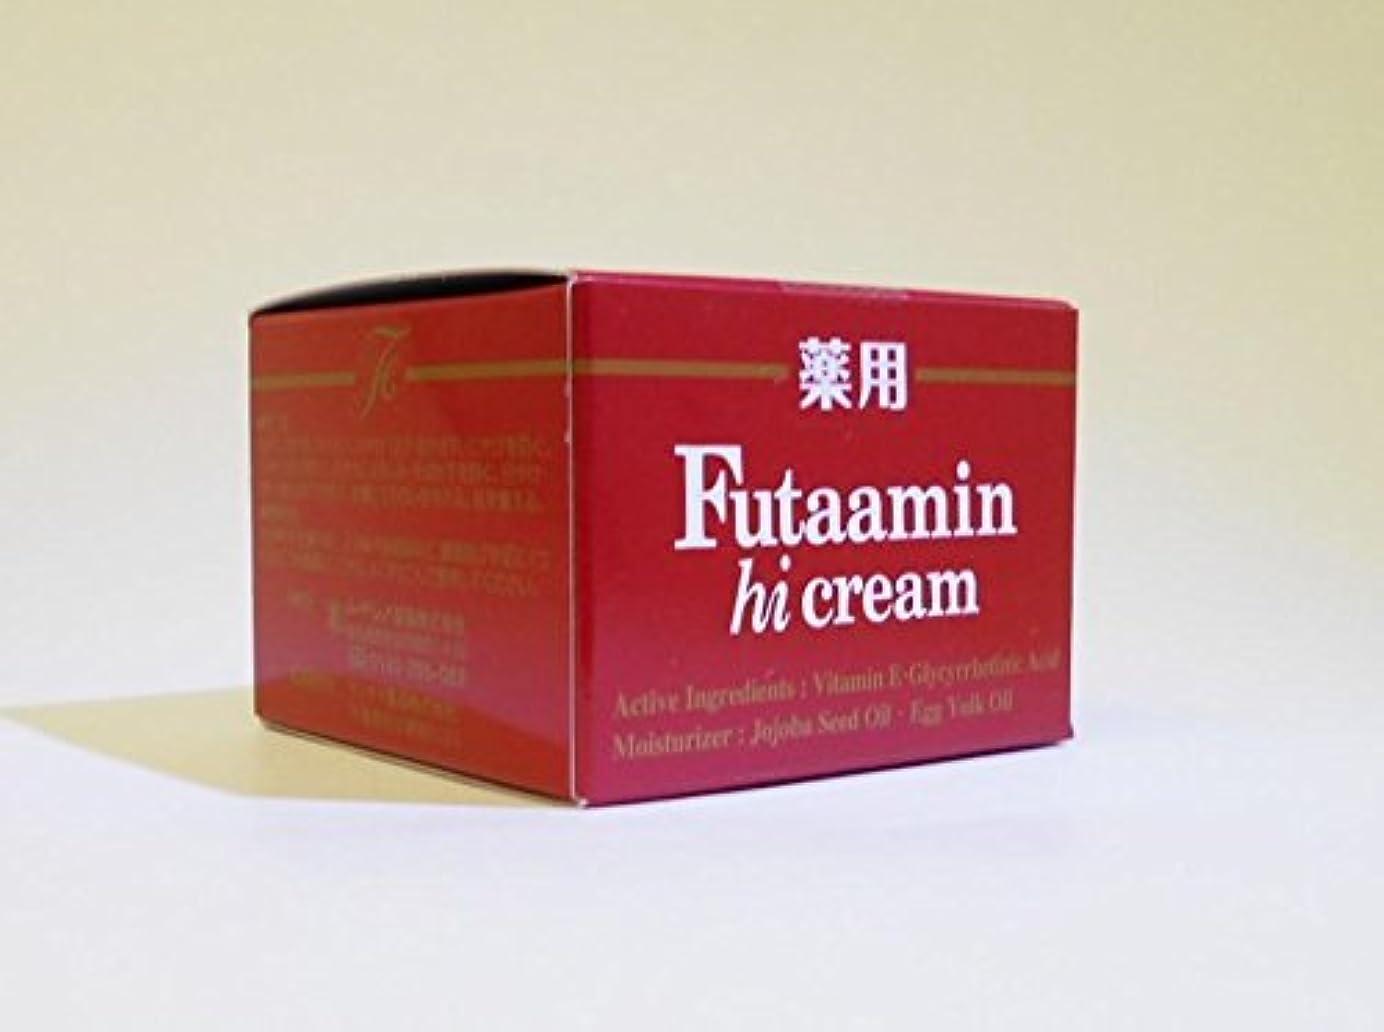 プラスチック咳別のフタアミンhiクリーム130g ×6個セット